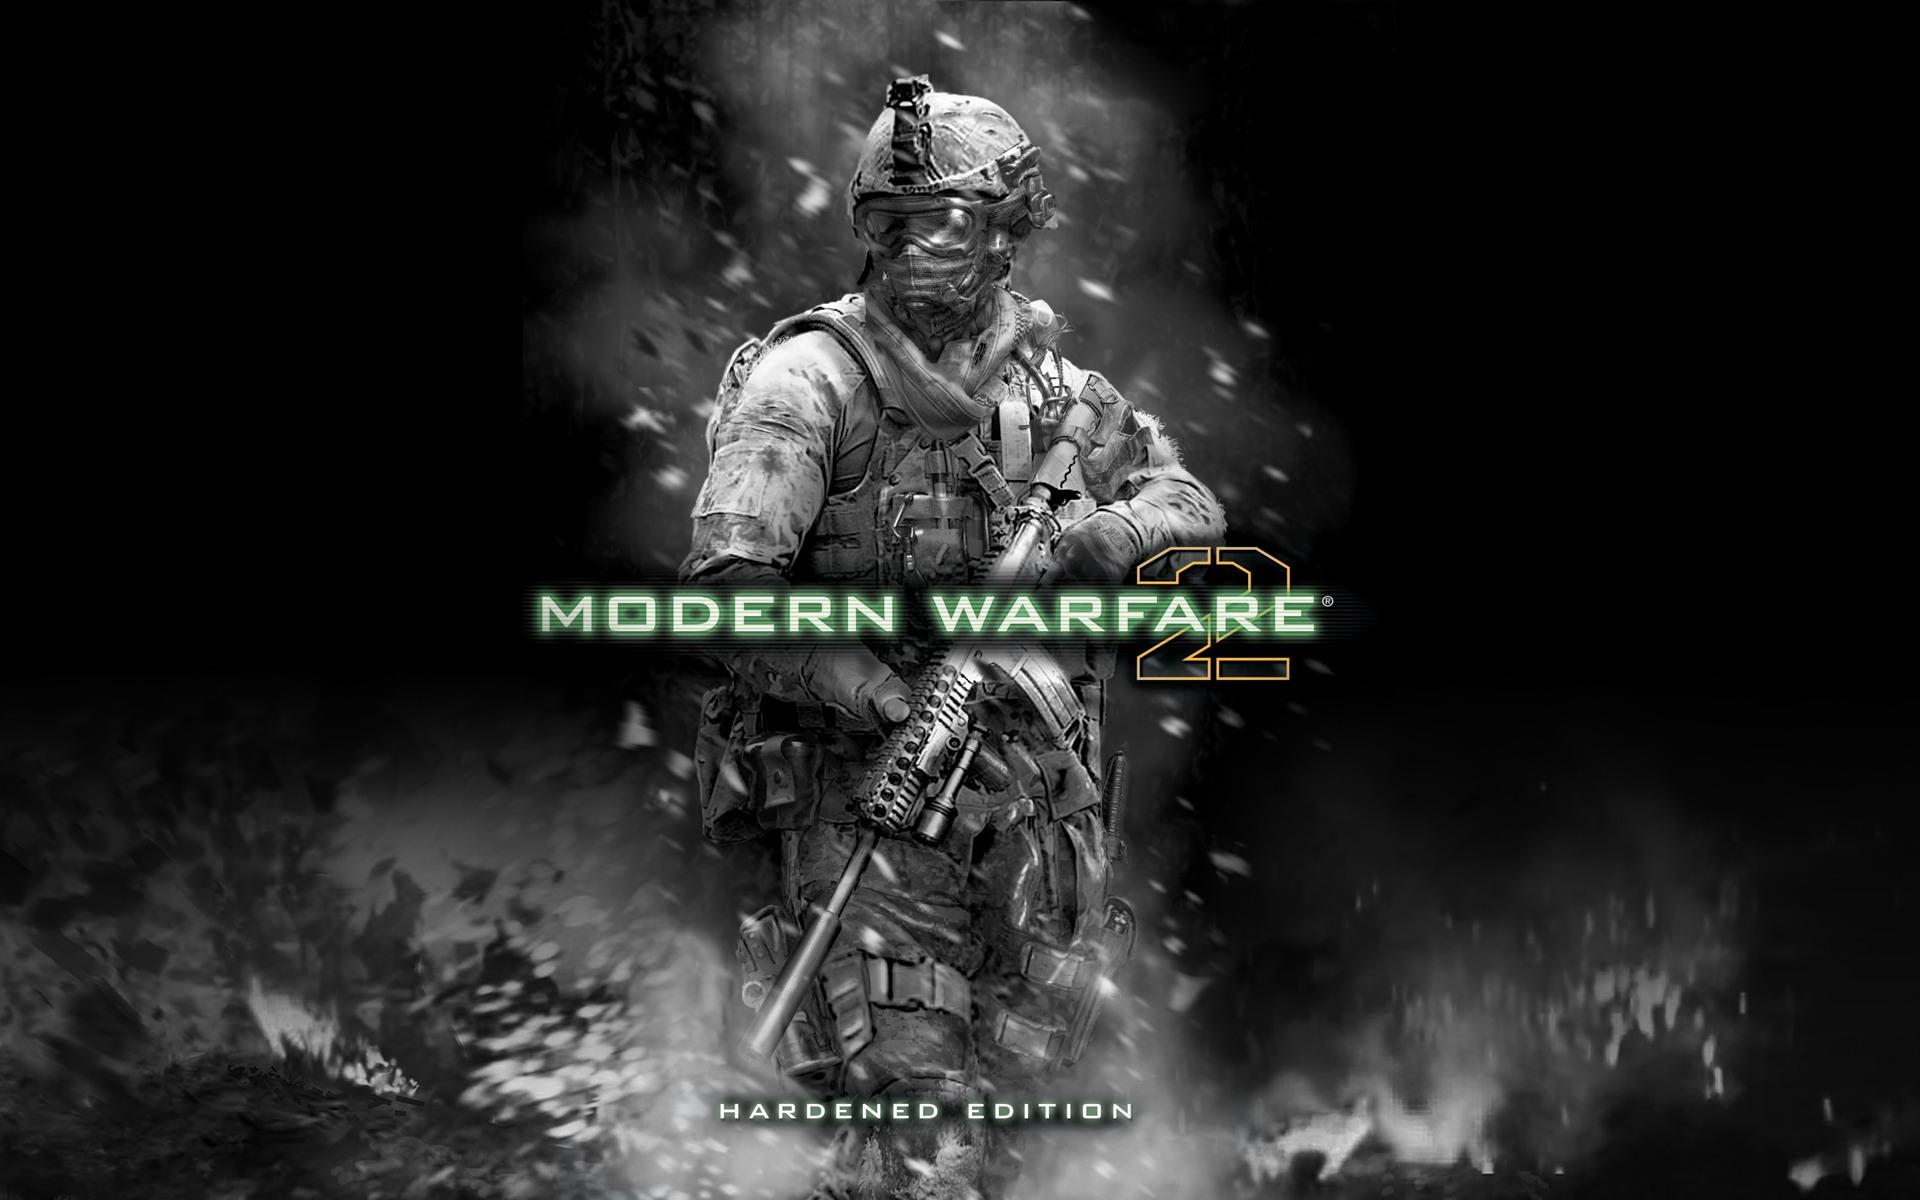 Free Download Call Of Duty Modern Warfare 2 Hardened Desktop